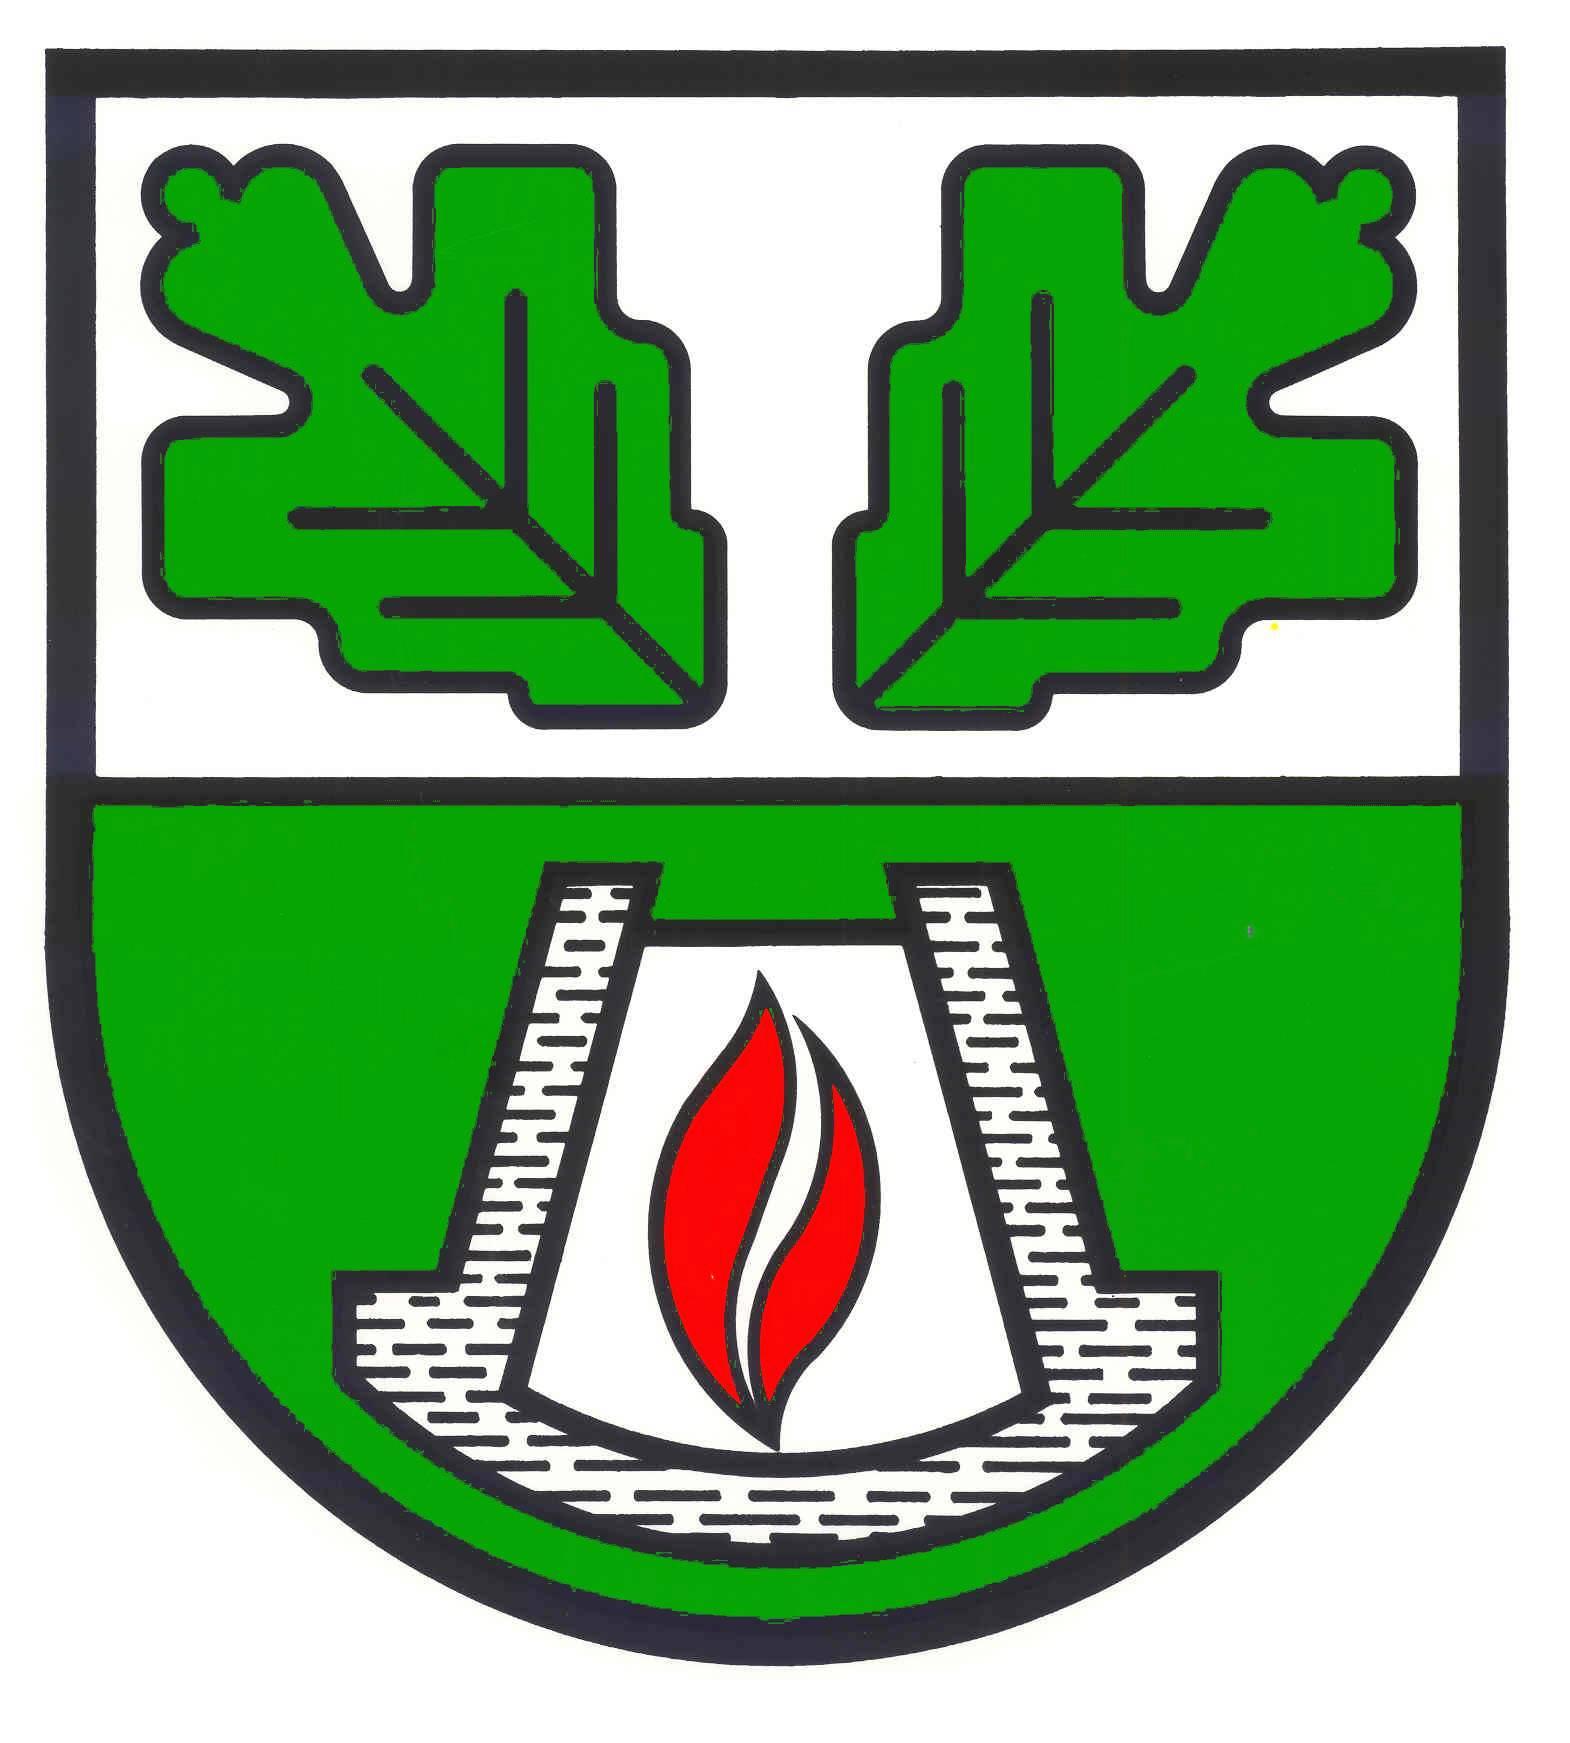 Wappen GemeindeSüderhackstedt, Kreis Schleswig-Flensburg